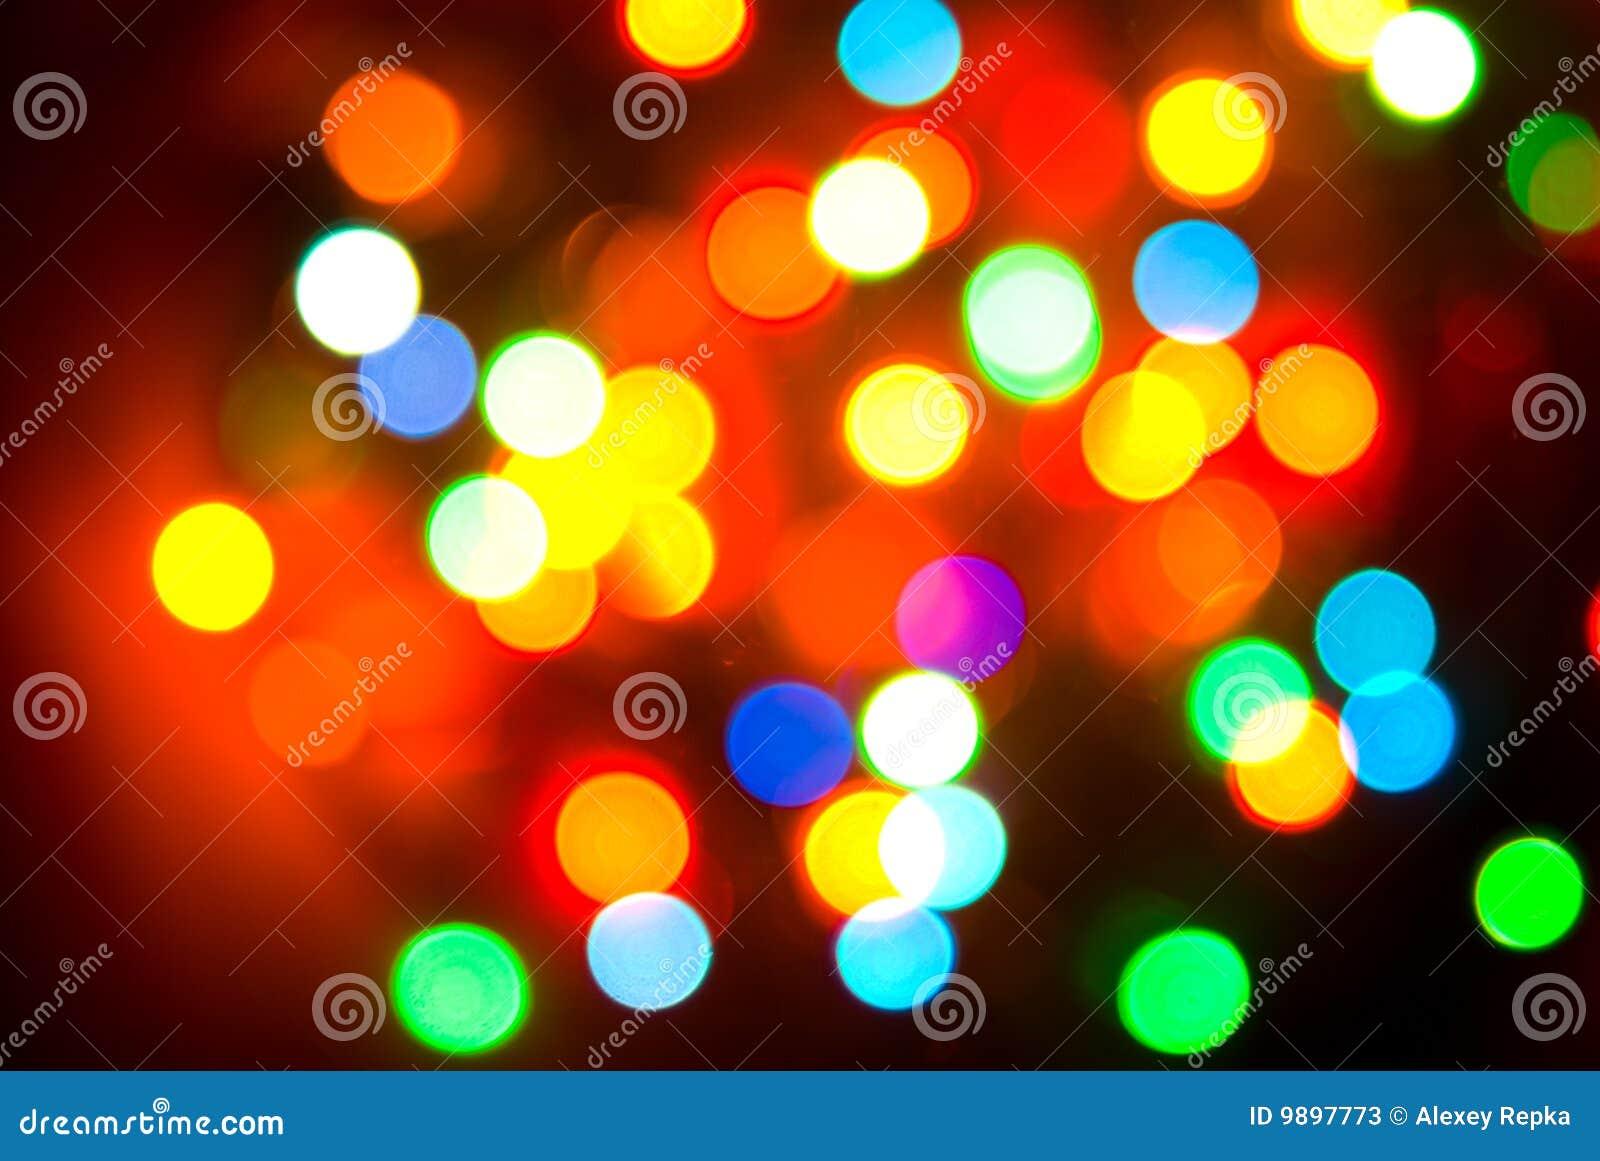 Luces del color fotos de archivo imagen 9897773 for Luces de colores